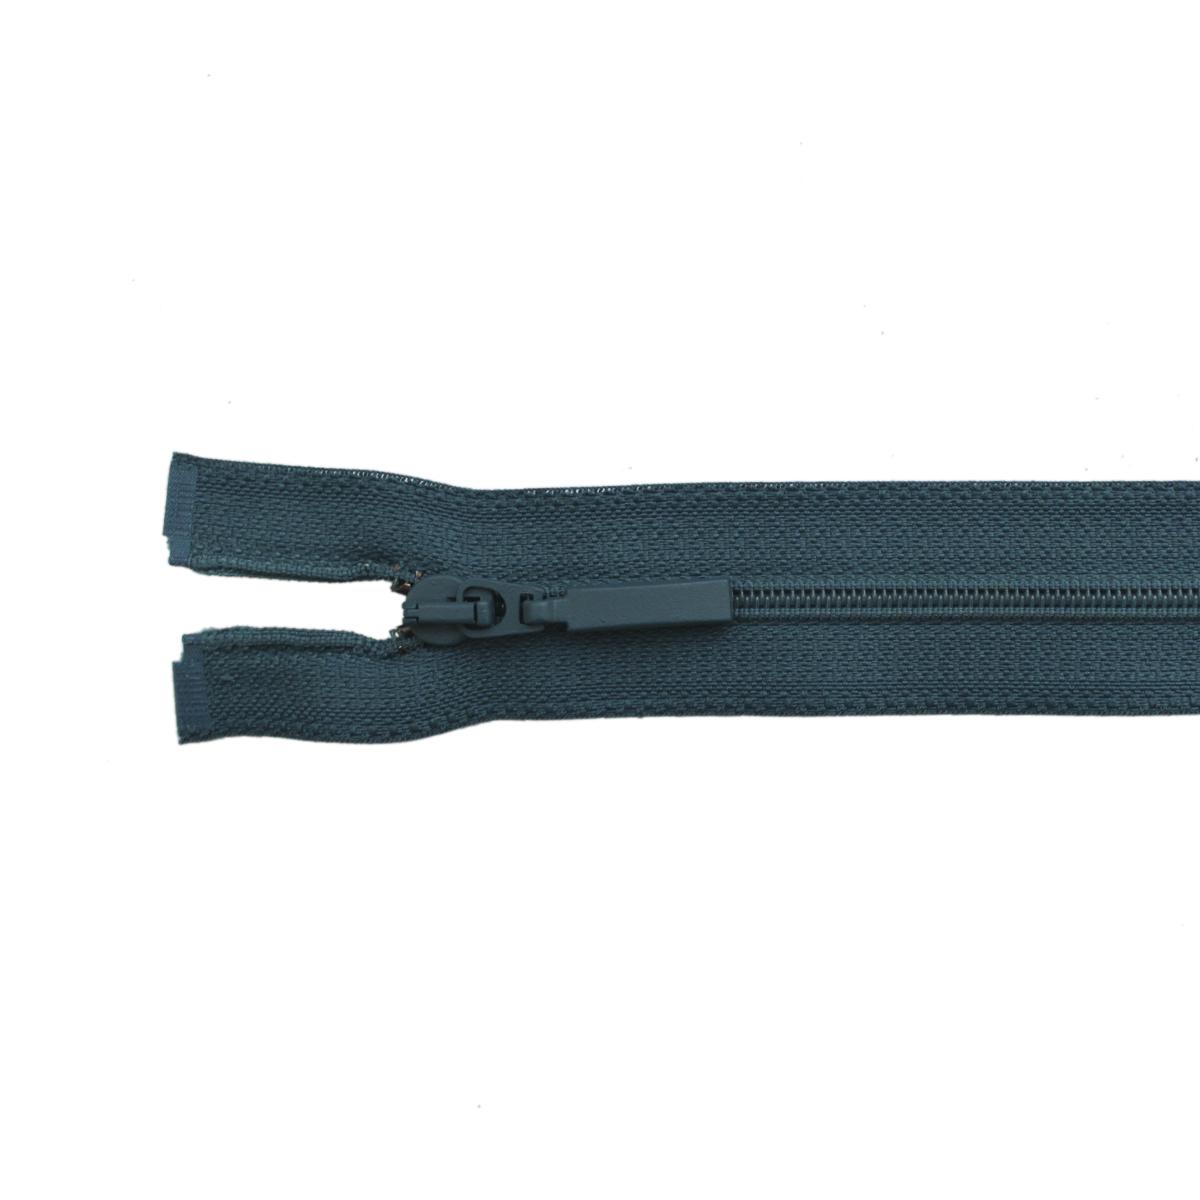 Застежка-молния витая Arta-F, цвет: морскаяволна (908), 55 см25355-908Продукция ARTA-F сертифицирована на Российский, Британский и Латвийский стандарт. Фурнитура ARTA-F изготавливается из европейских материалов, на современном оборудовании, в соответствии с высокими требованиями стандартов. Вся продукция фабрики проходит тесты на качество.Звено застежки-молнии Экстра имеет боковые приливы, которые исключают контакт замка с текстильной лентой, а сокращенный до минимума зазор между замком и приливами звена предохраняет от возможности попадания в замок подкладки, меха, нитей. В то же время эти меры повышают прочность застежки при высоких нагрузках, особенно на изгиб. Применение таких приливов на молниях ARTA-F не только повышает эксплуатационные качества застежки, но и увеличивает прочность крепления звена к ленте, и продлевает срок службы застежек-молний ARTA-F. Такая застежка-молния безопасна, легка в использовании и не повредит одежду.